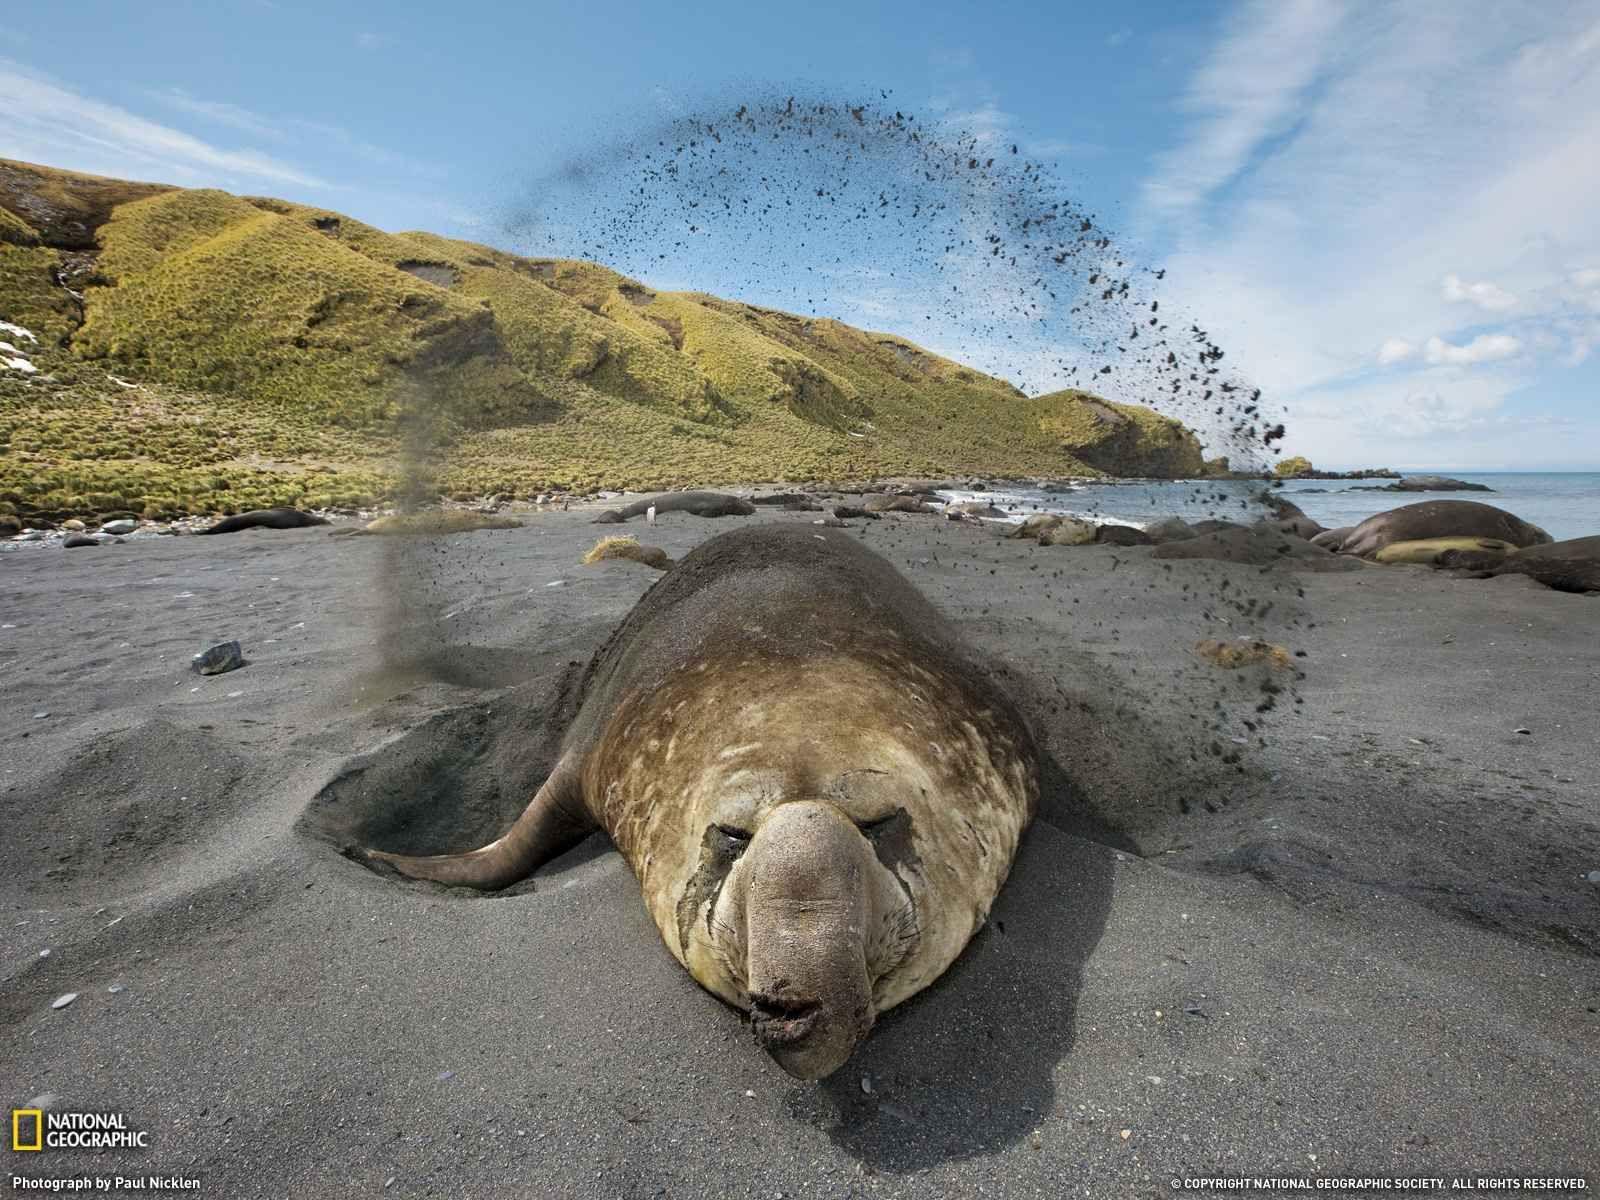 Elefante De Mar Sur De La Isla De Georgia Por Paul Nicklen Mamiferos Marinos Cambio Climatico